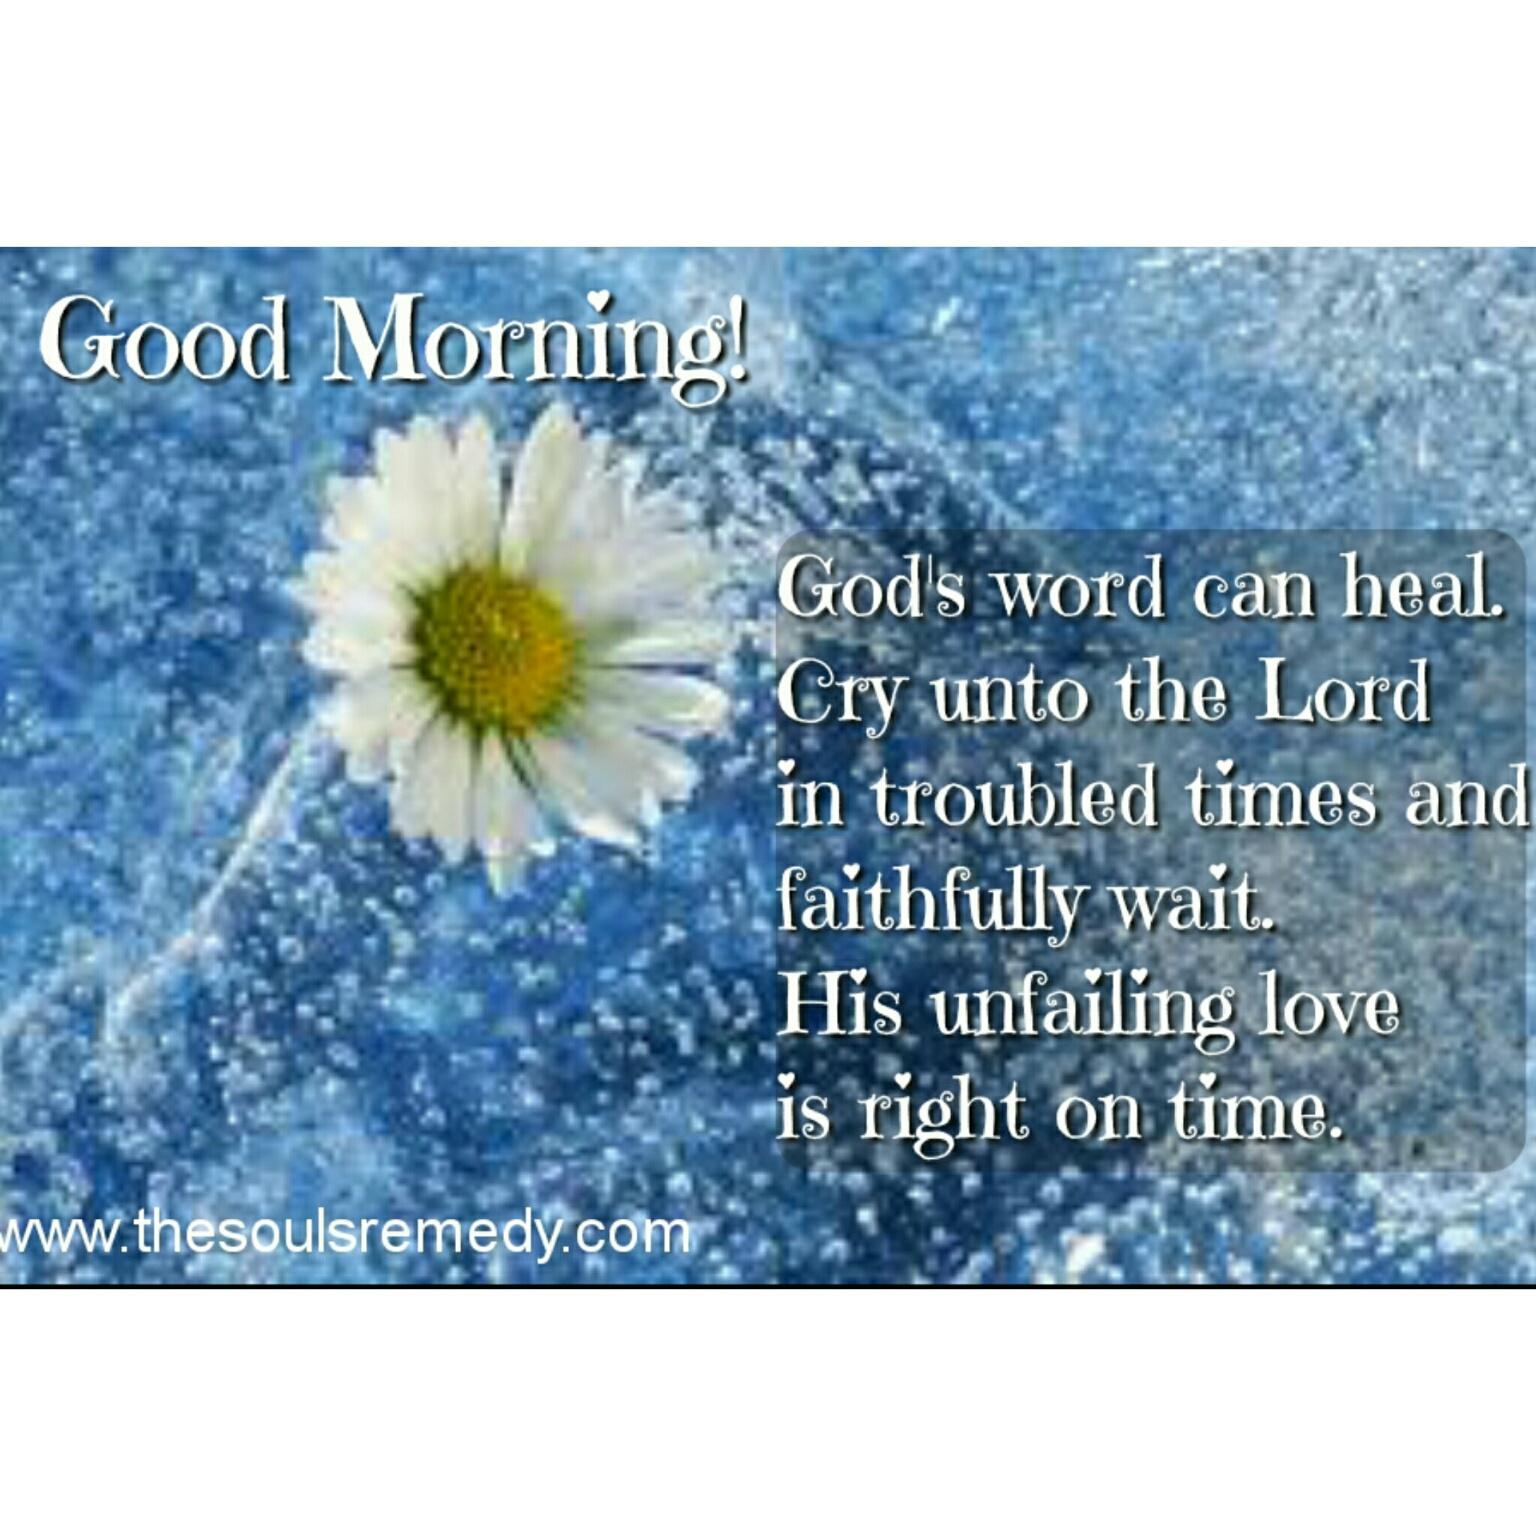 Good Morning S Healing Word